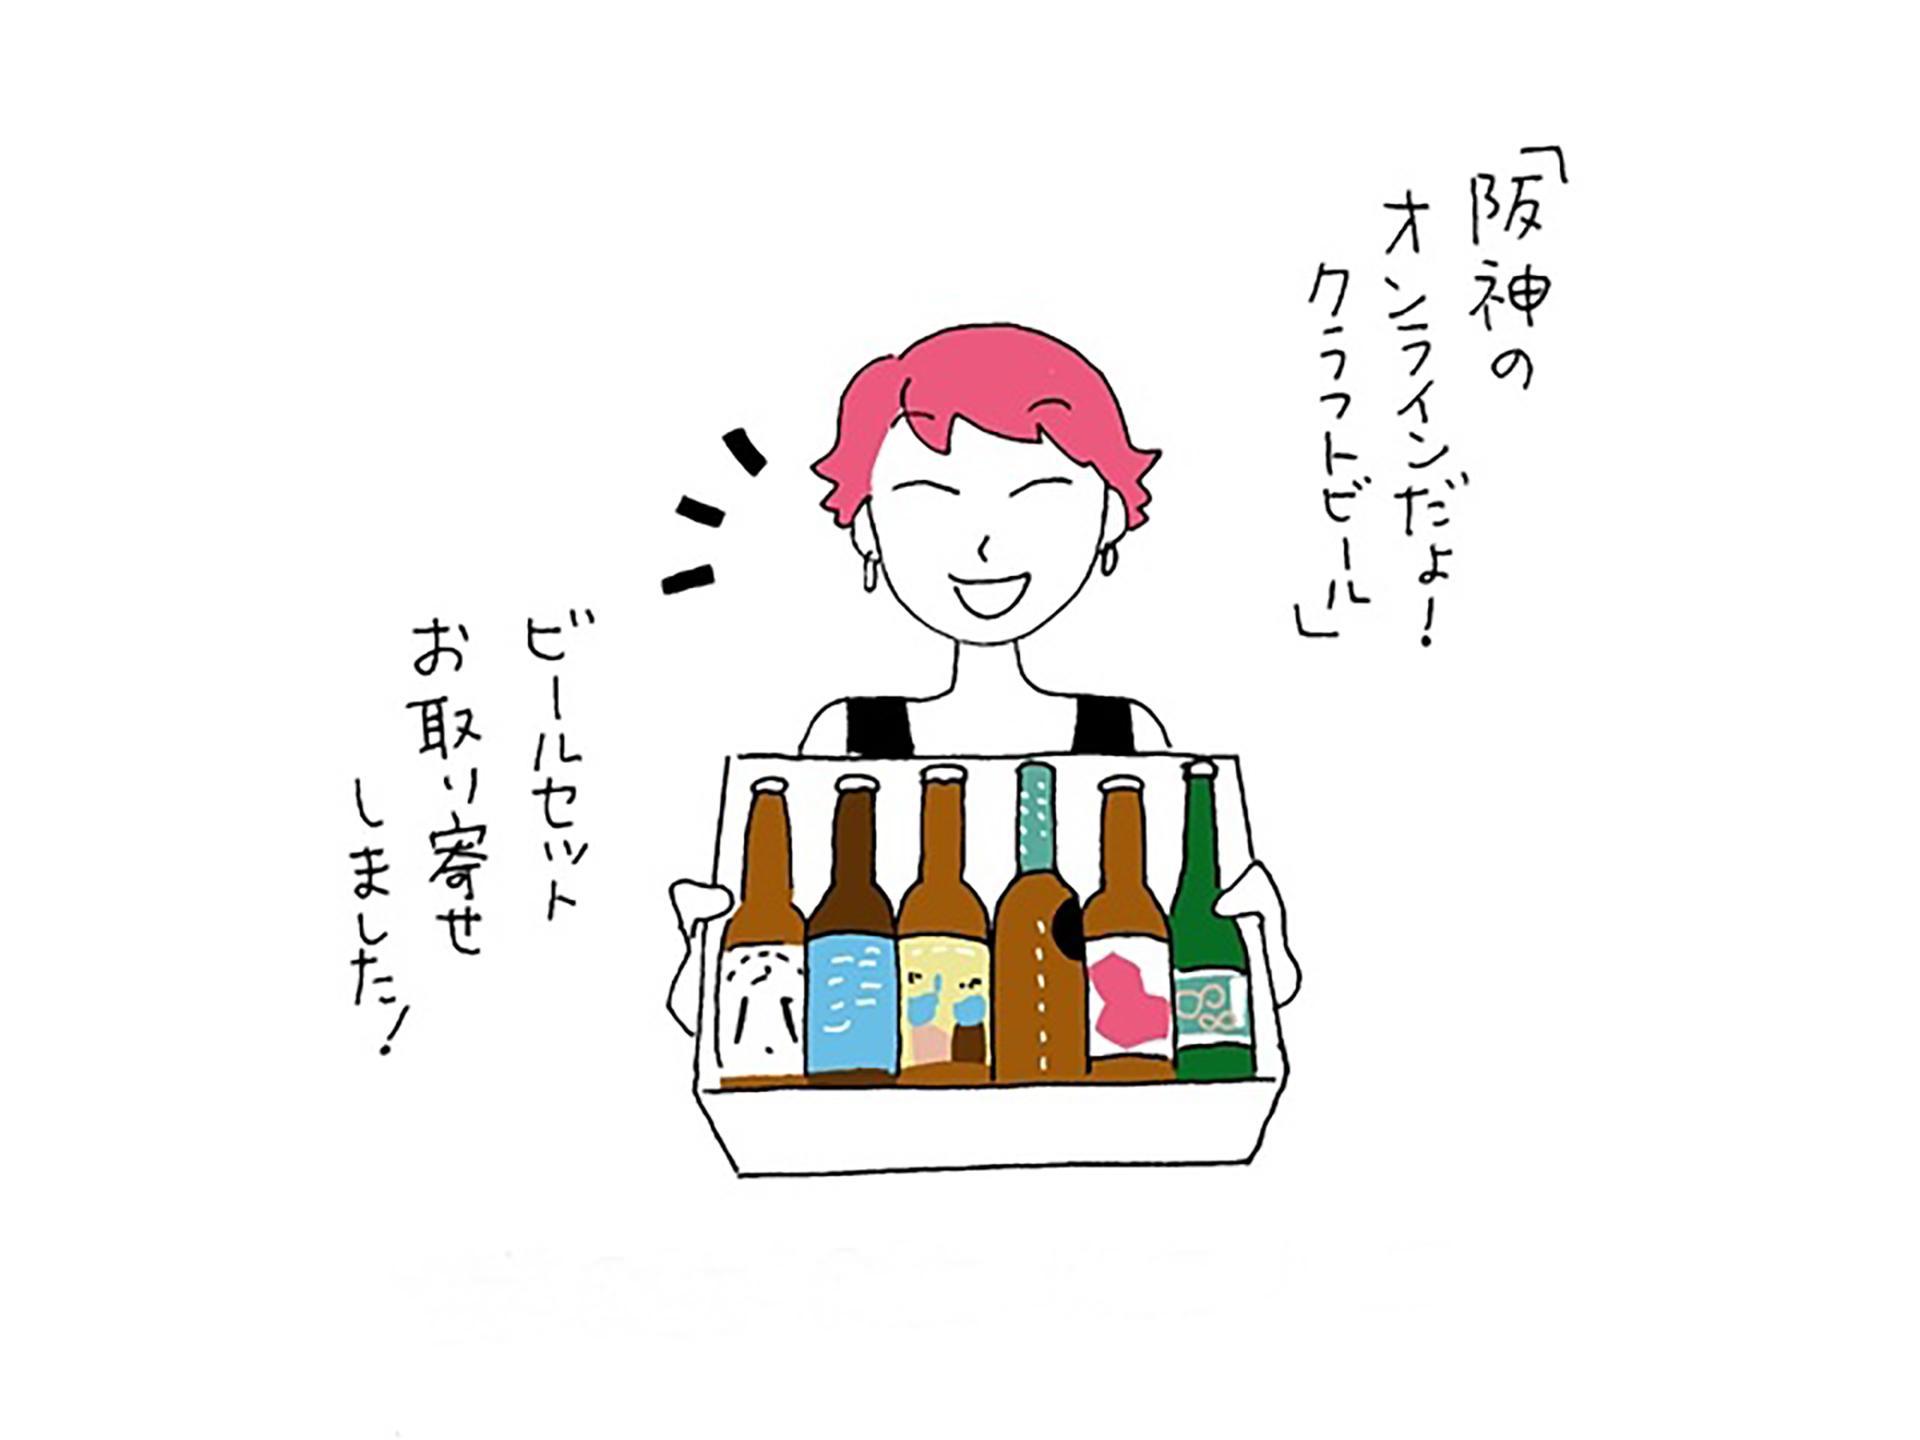 阪神のオンラインだよ!クラフトビール